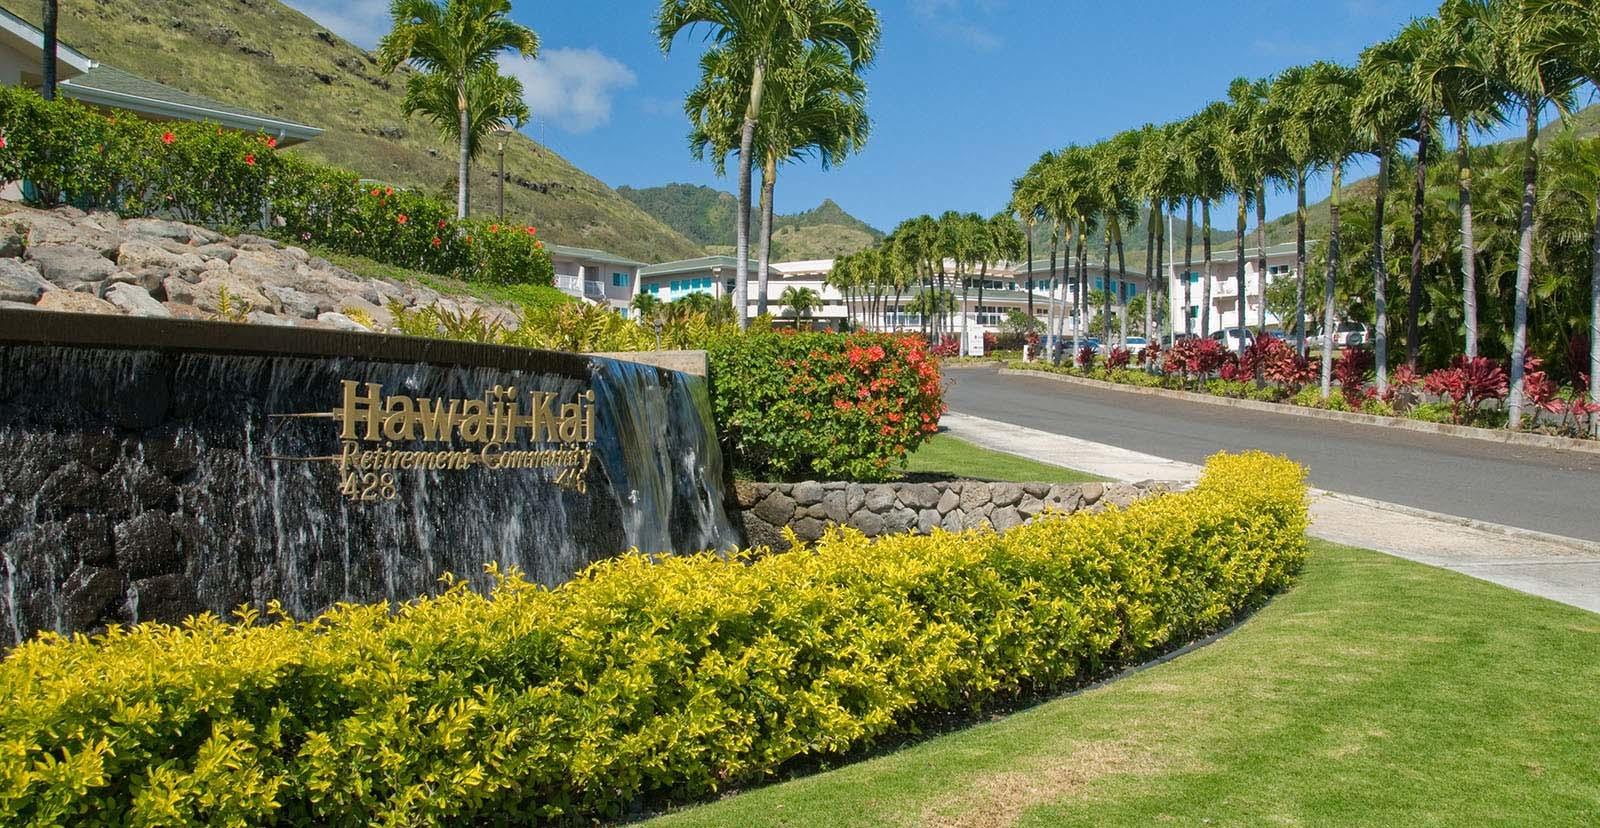 Hawaii Kai image 4